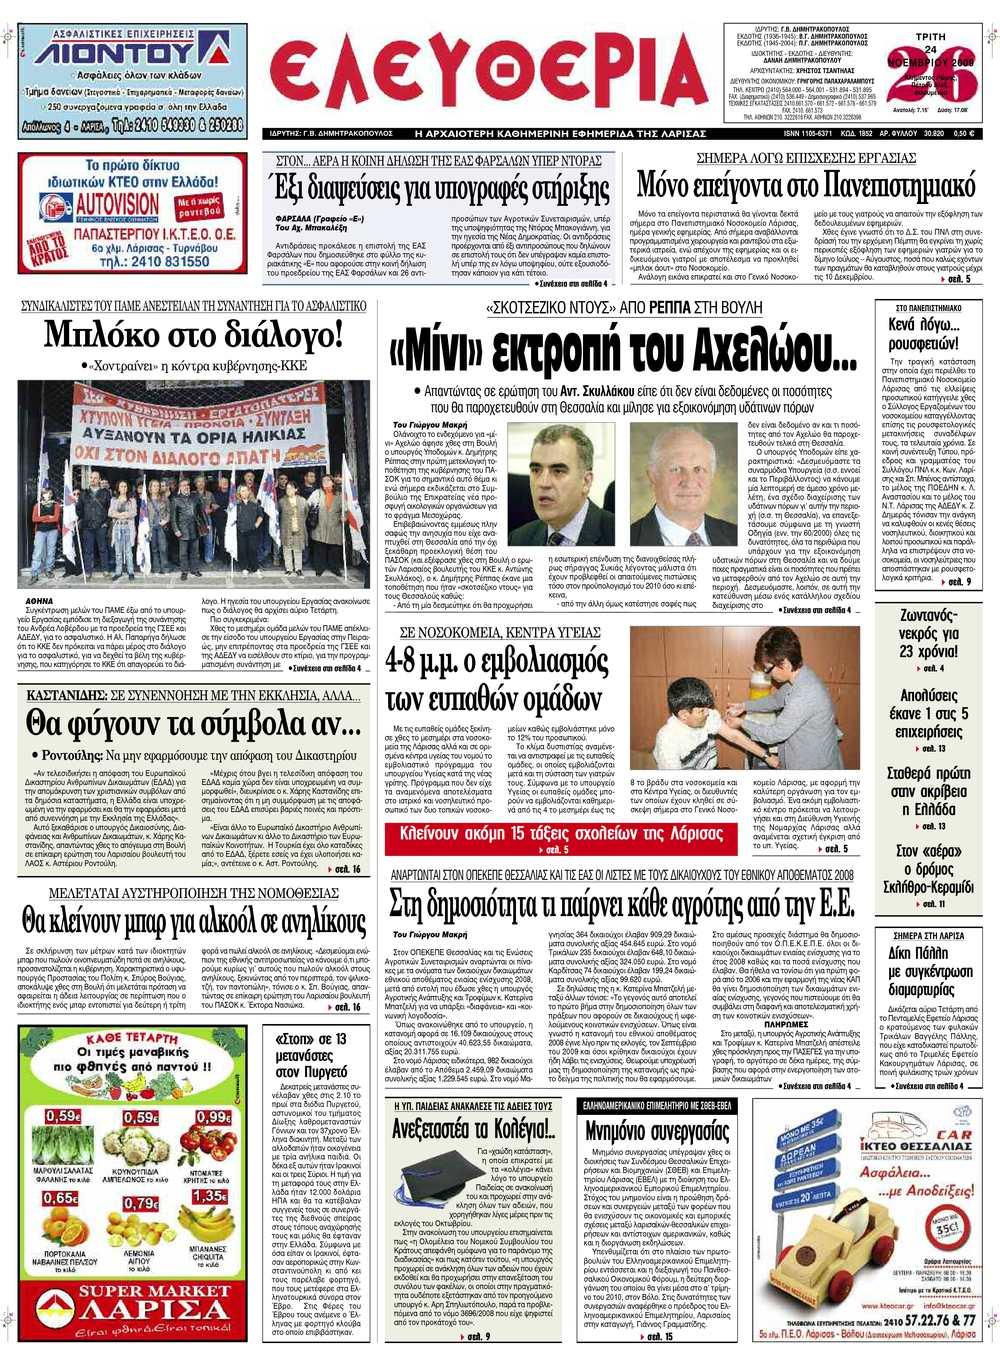 Ινδικό διαζευγμένο ραντεβούCS πάνε να προξενήσουν ομάδες δεξιοτήτων